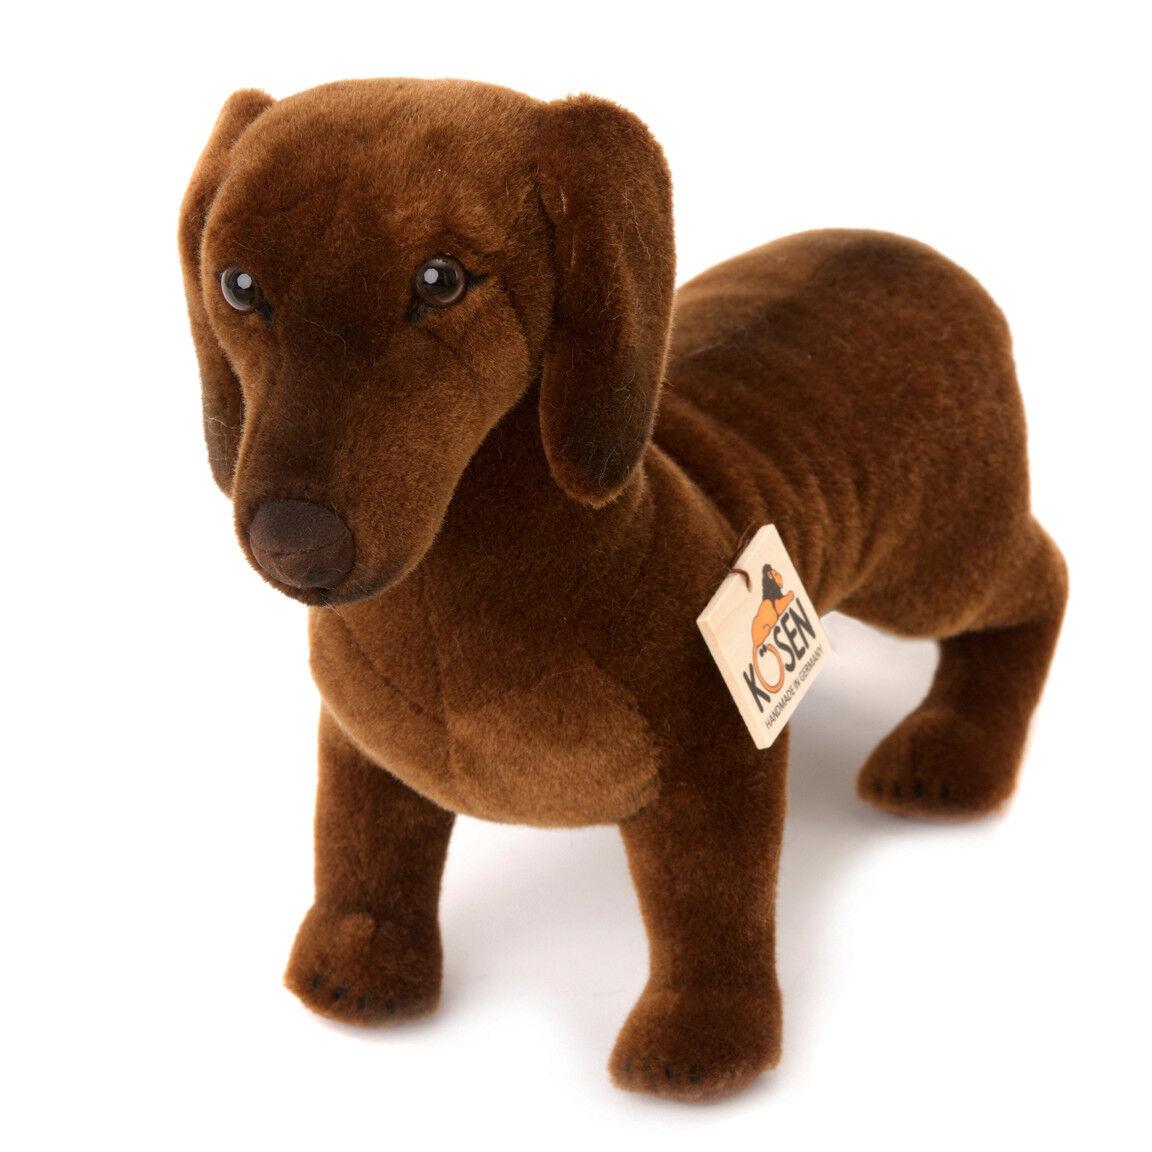 'Waldi' Smooth-Haired Dachshund mohair soft toy puppy dog - Kosen   Kösen - 6860